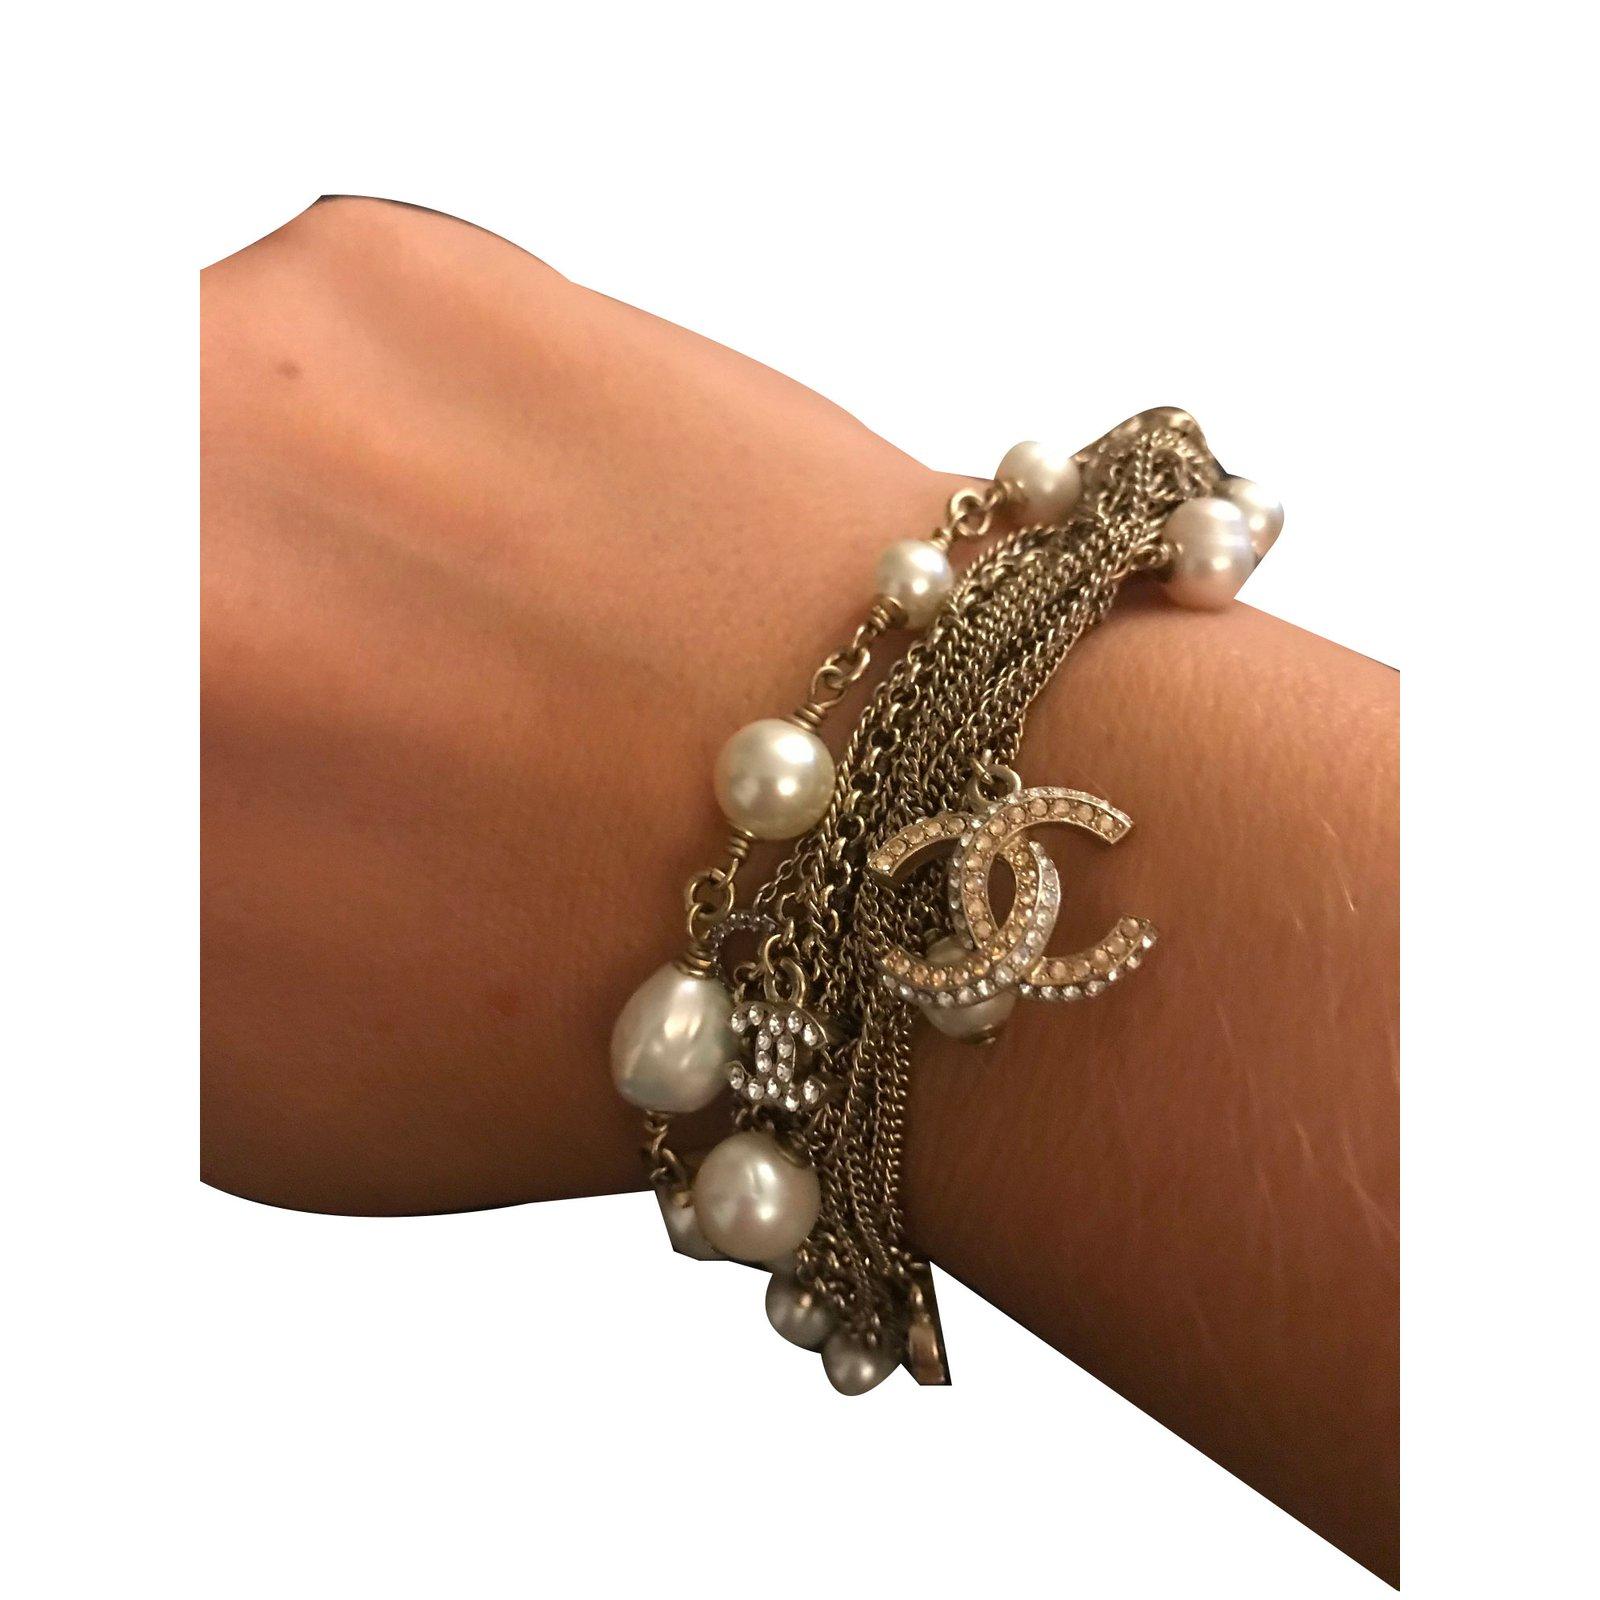 ee8101249883 Chanel Bracelets Bracelets Pearl White ref.80663 - Joli Closet